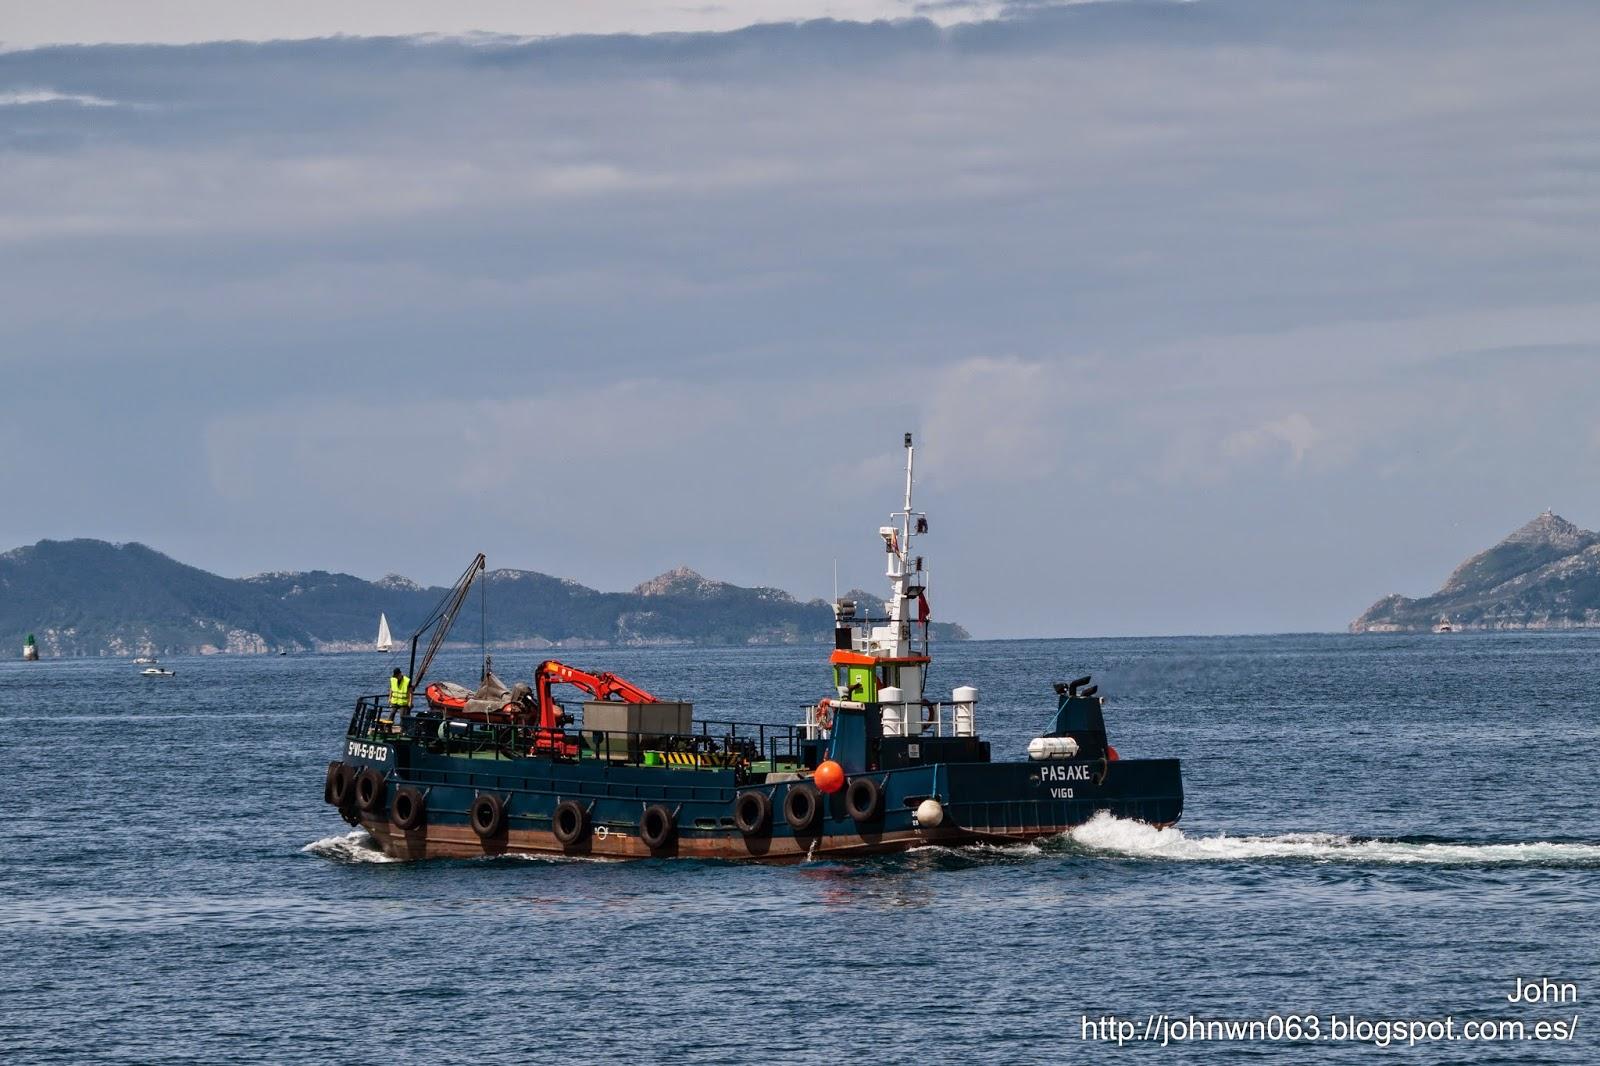 fotos de barcos, imagenes de barcos, pasaxe, marpolgal, vigo